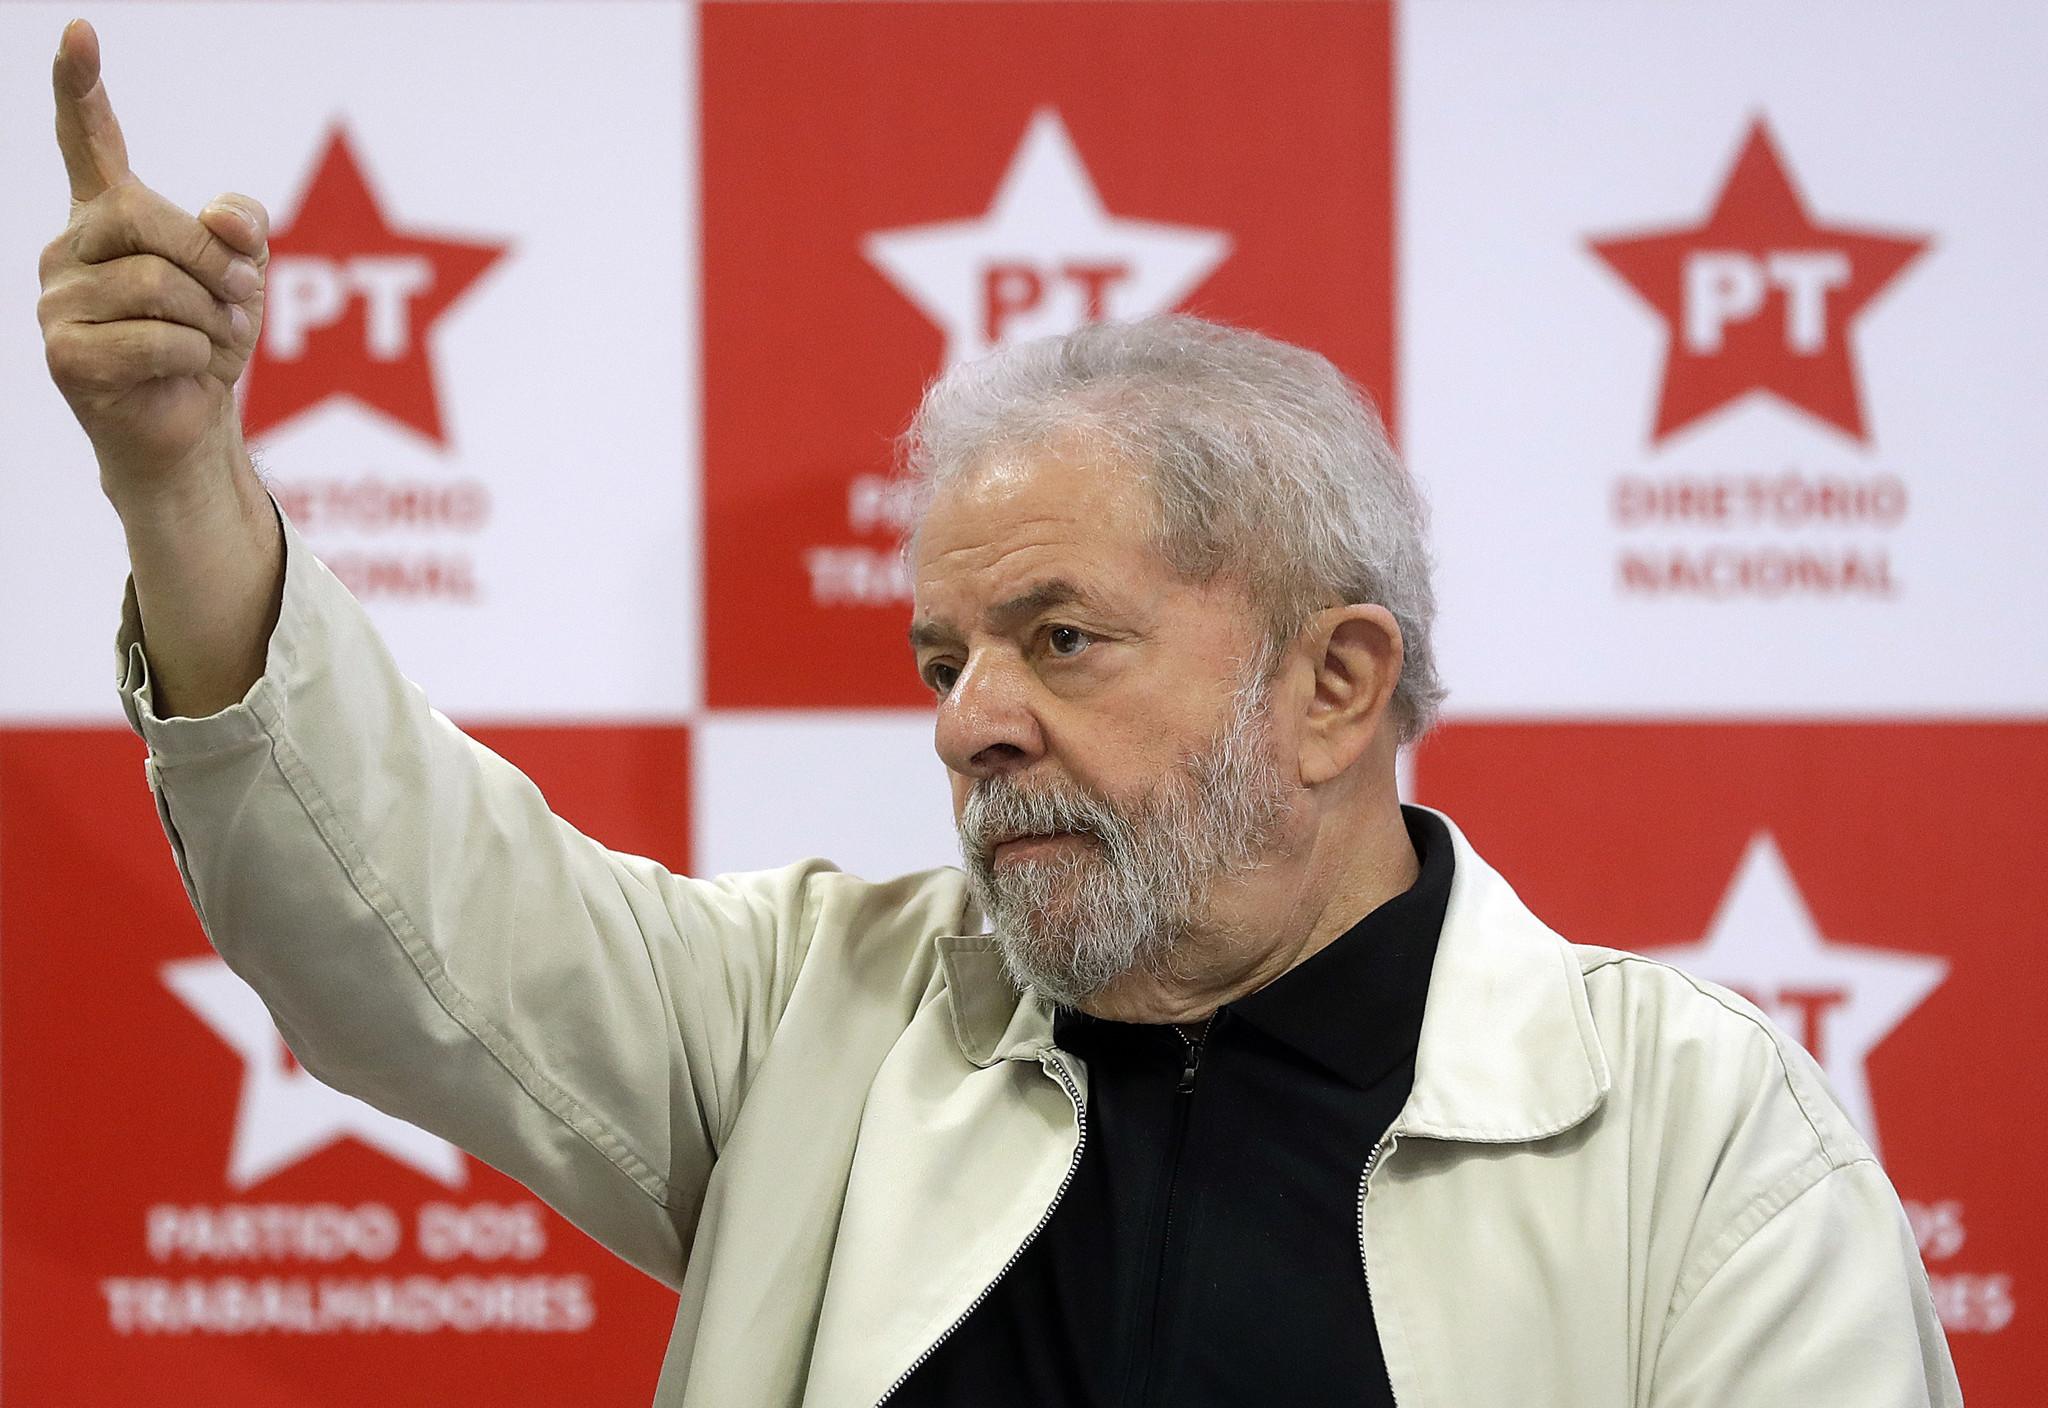 os-es-expresidente-lula-da-silva-acusado-corrupcion-brasil-20160914